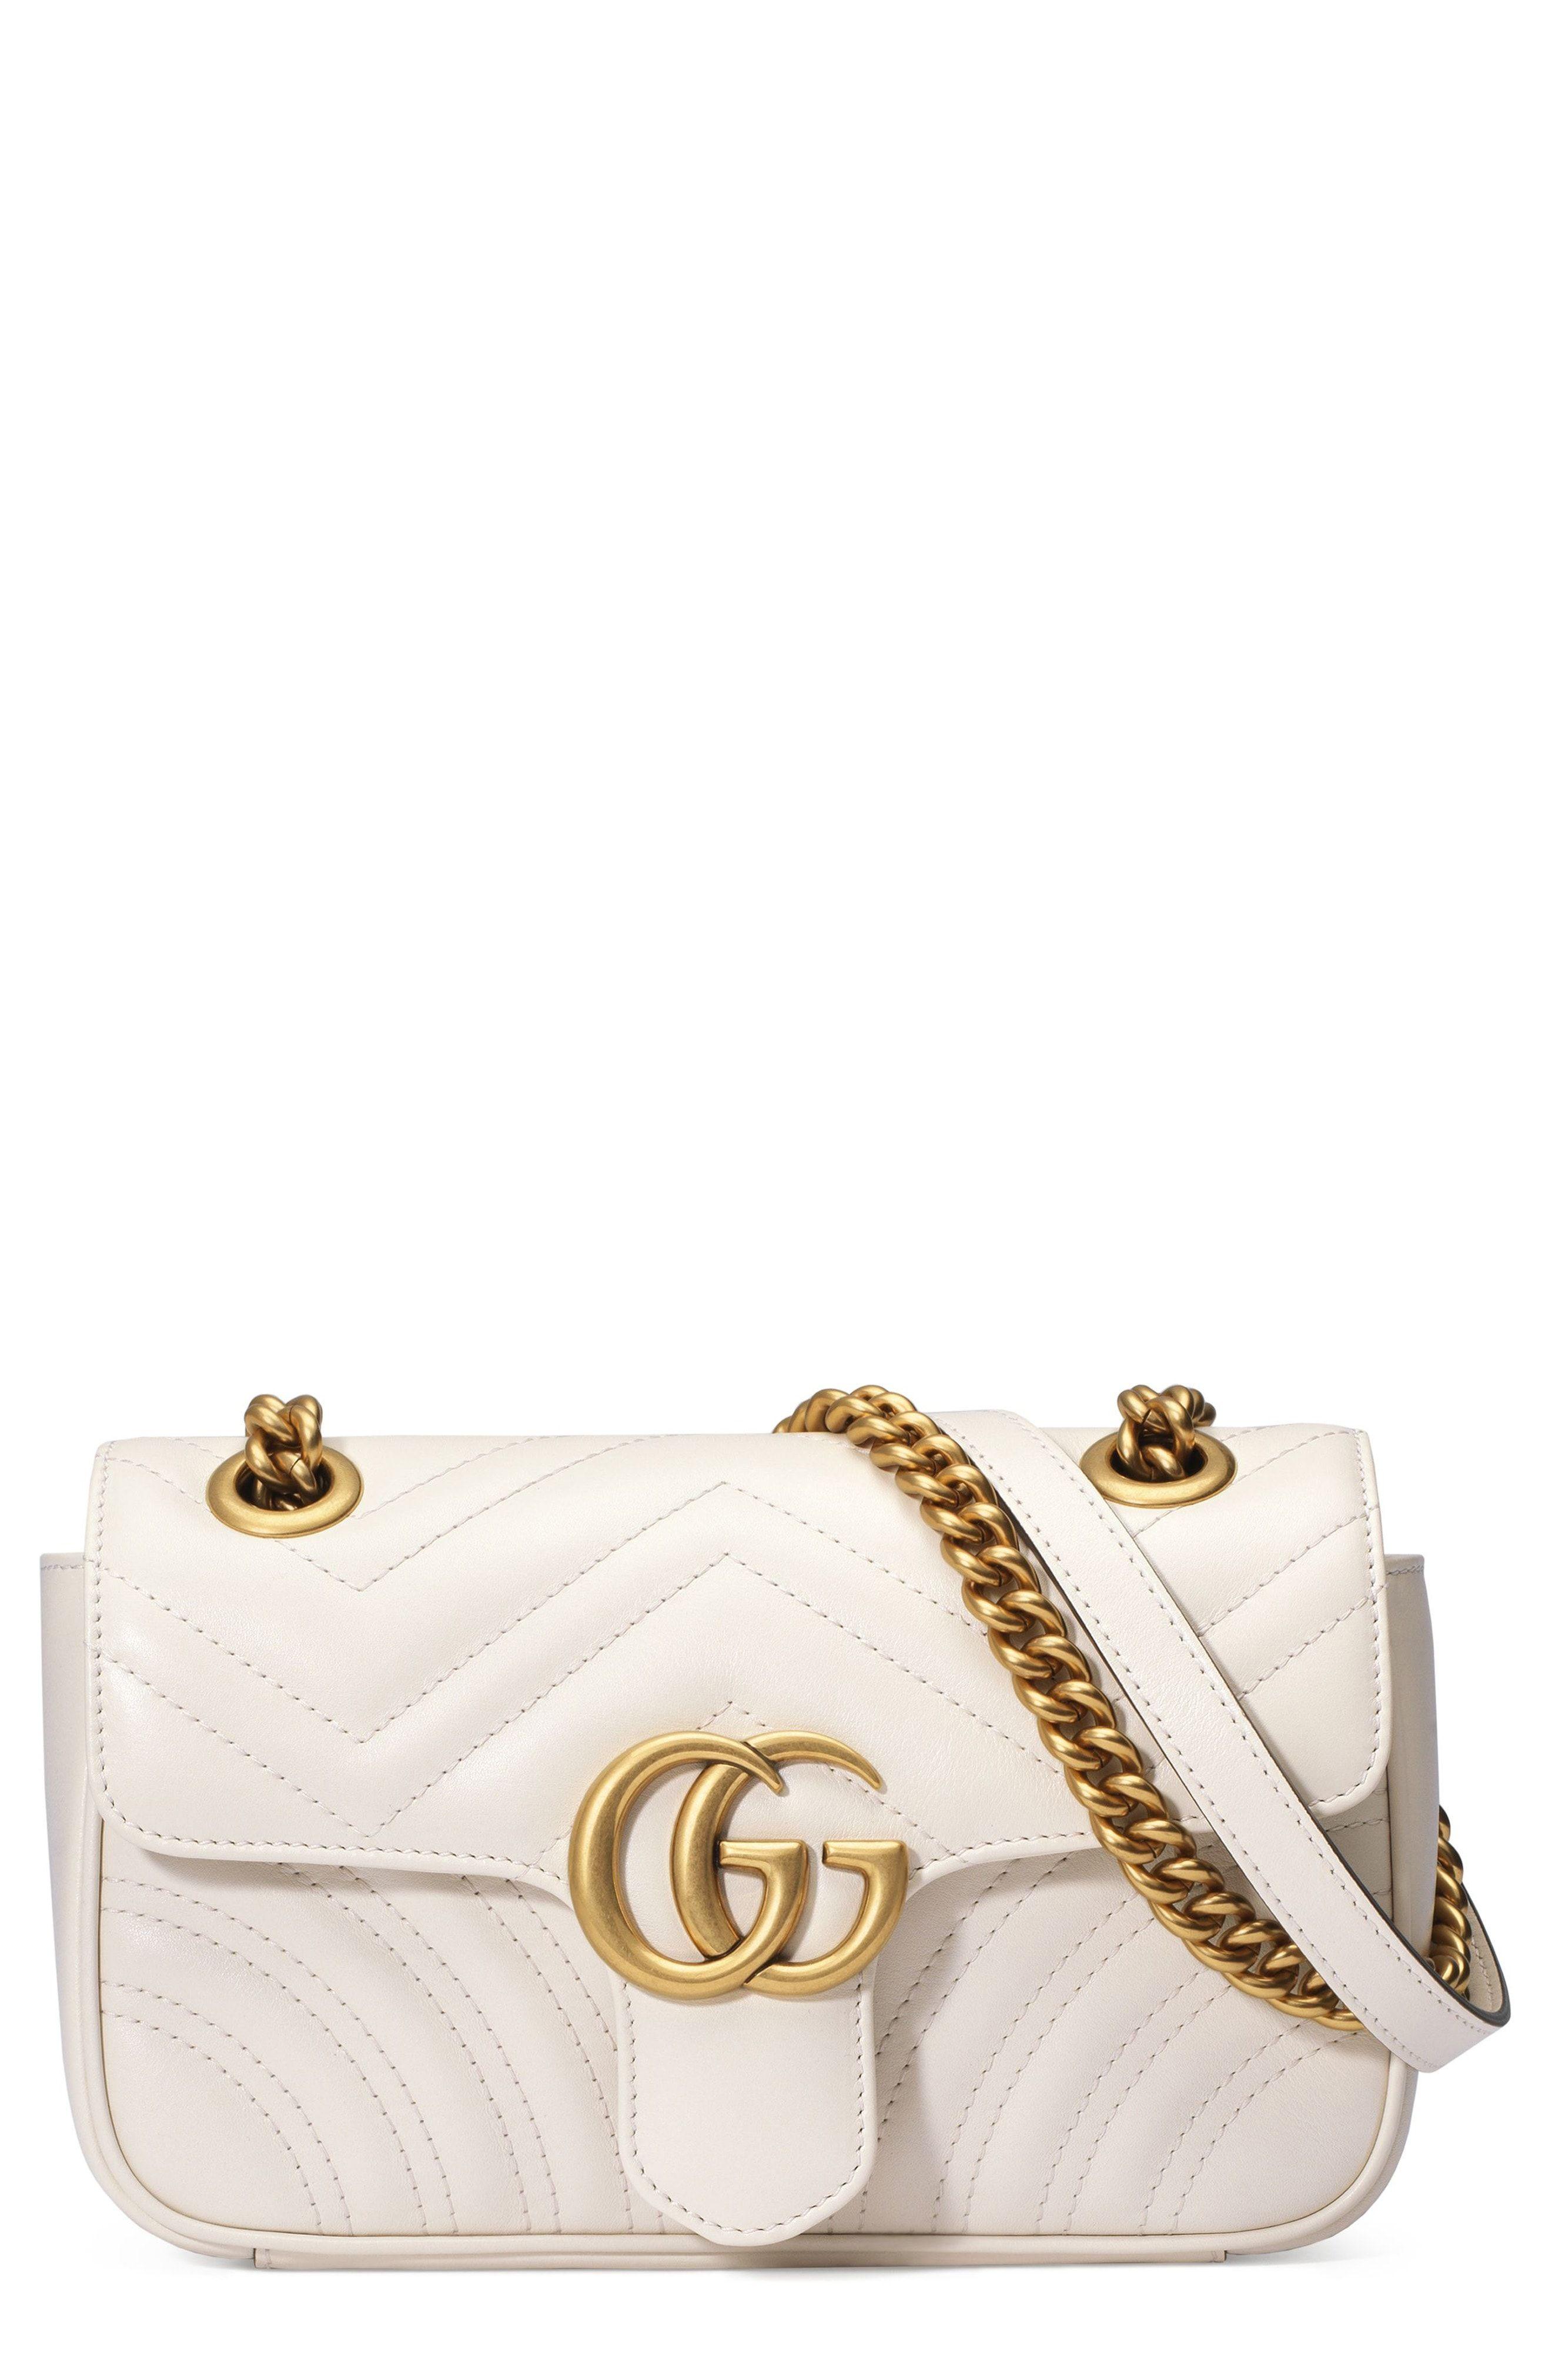 1bcc95d6595 Gucci Mini GG Marmont 2.0 Matelassé Leather Shoulder Bag